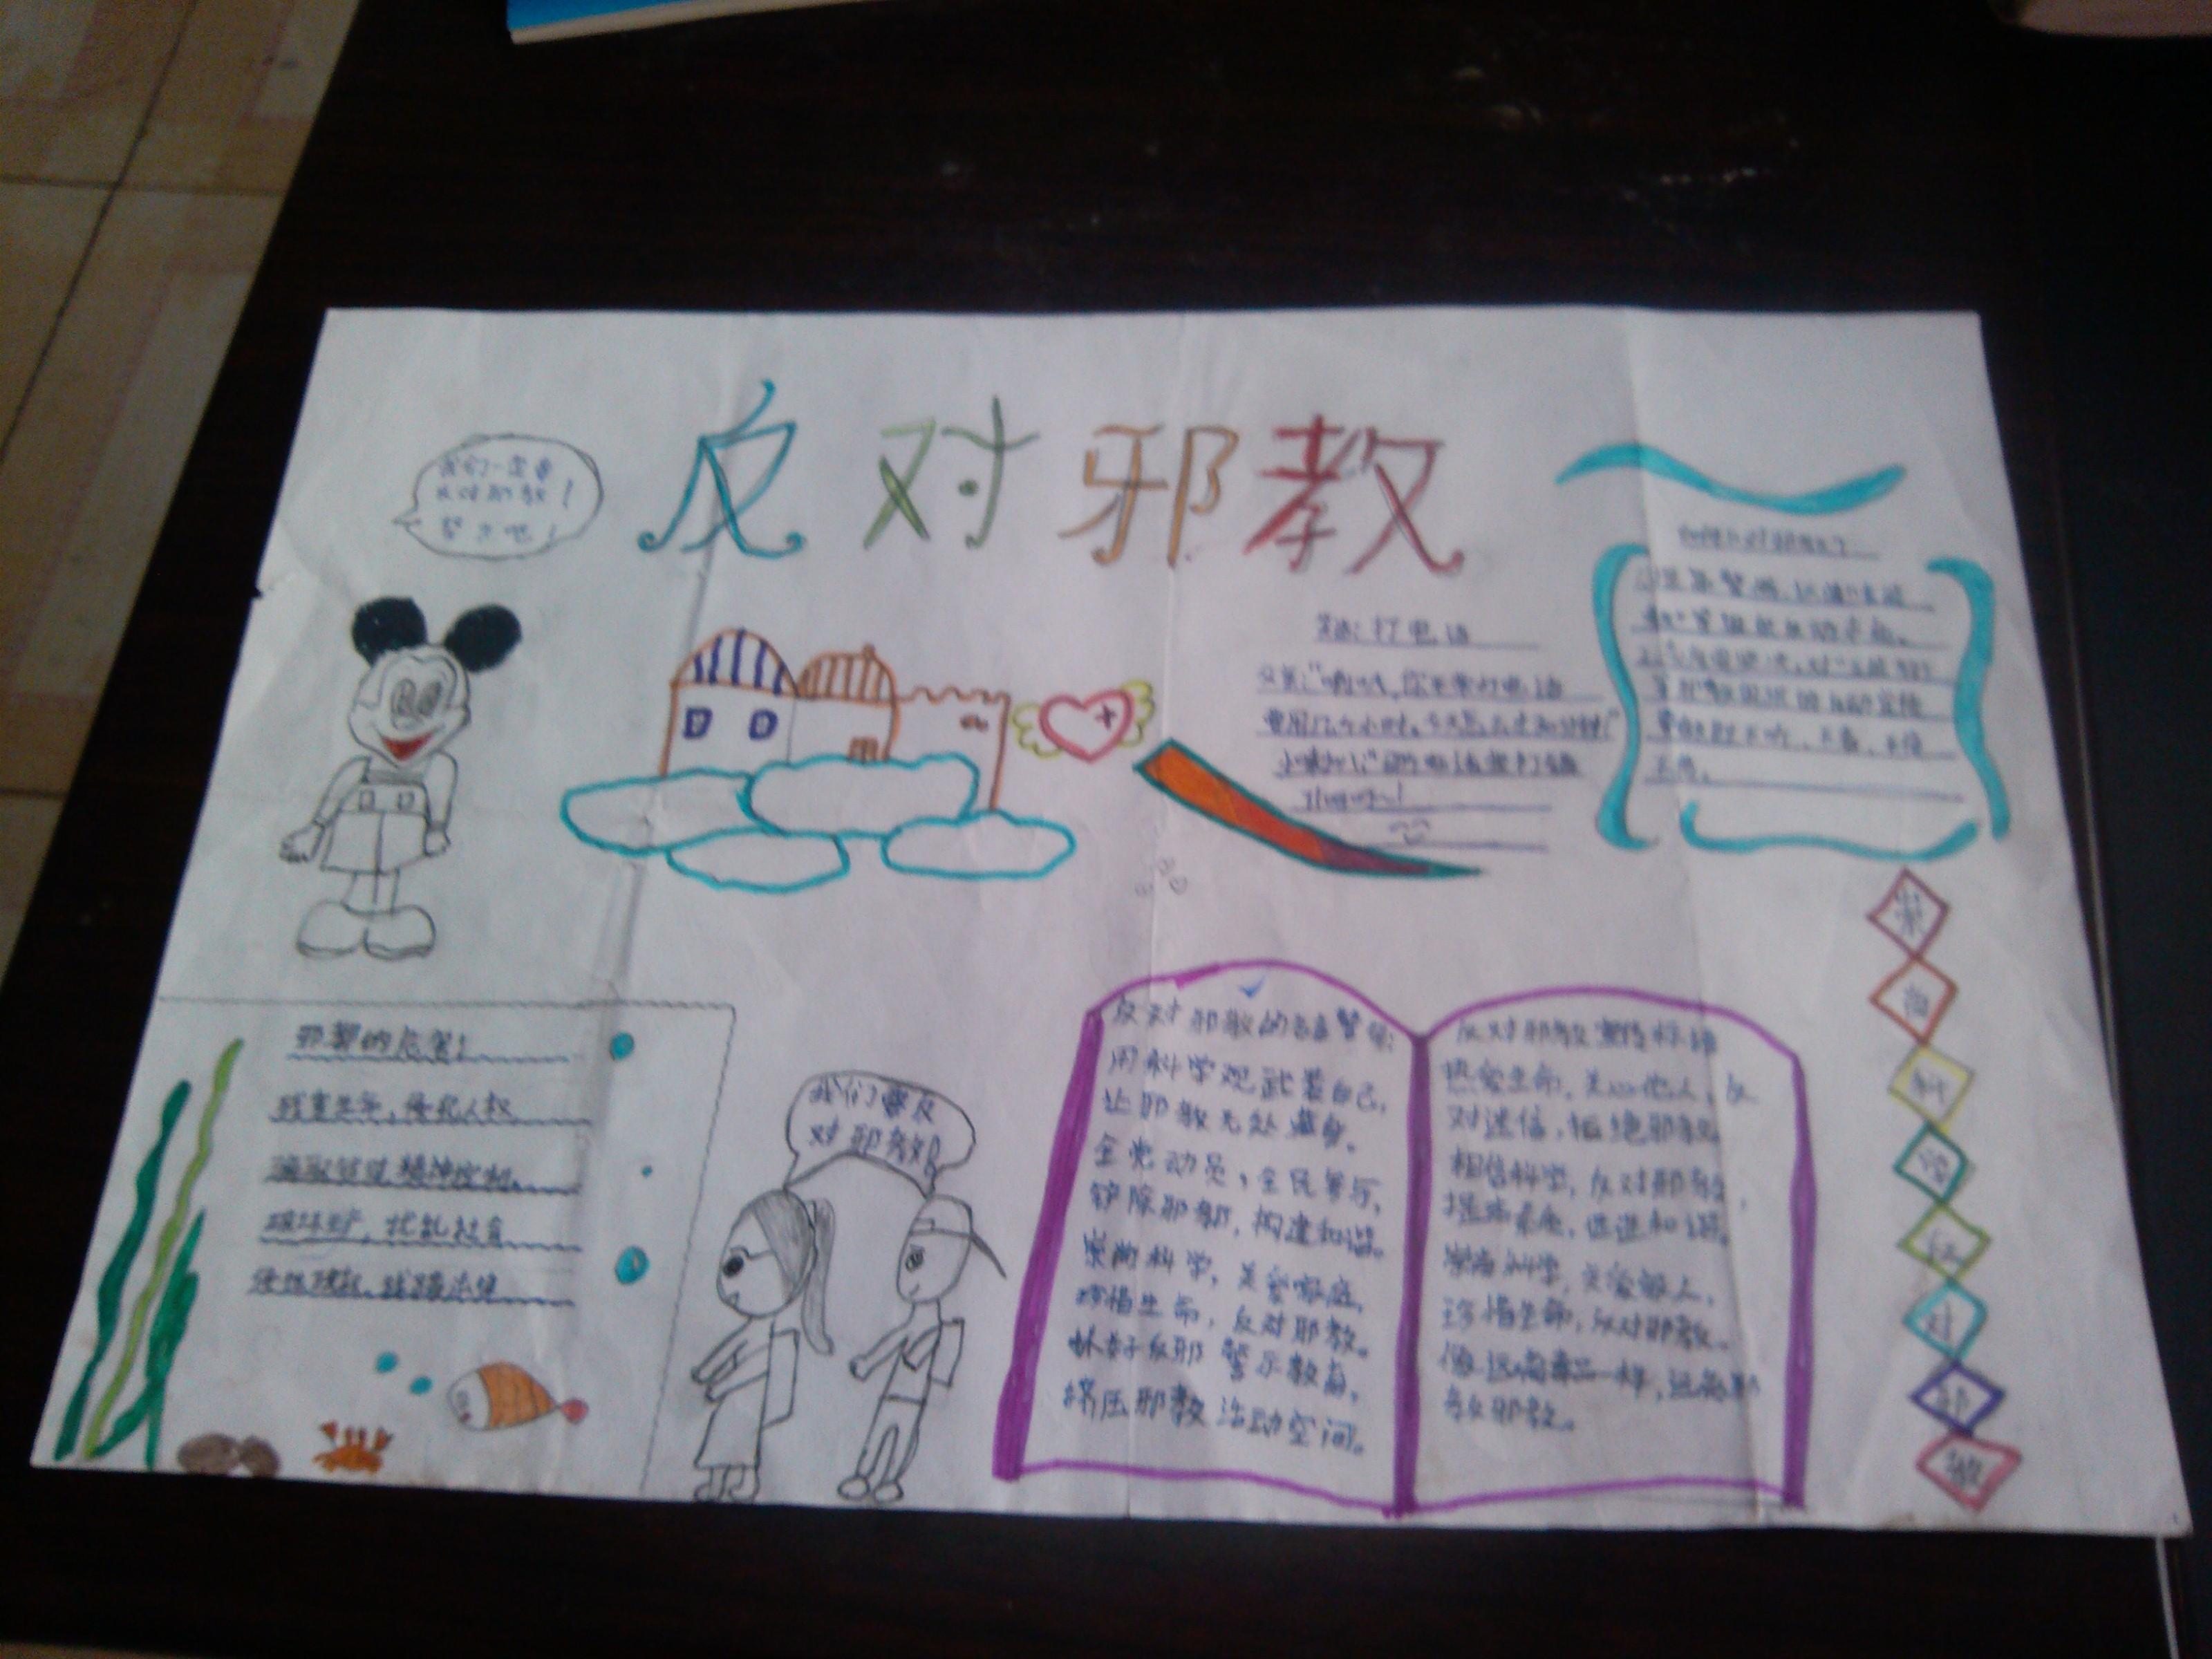 反邪手抄报图片 - 红领巾相约中国梦动态上传 - 活动